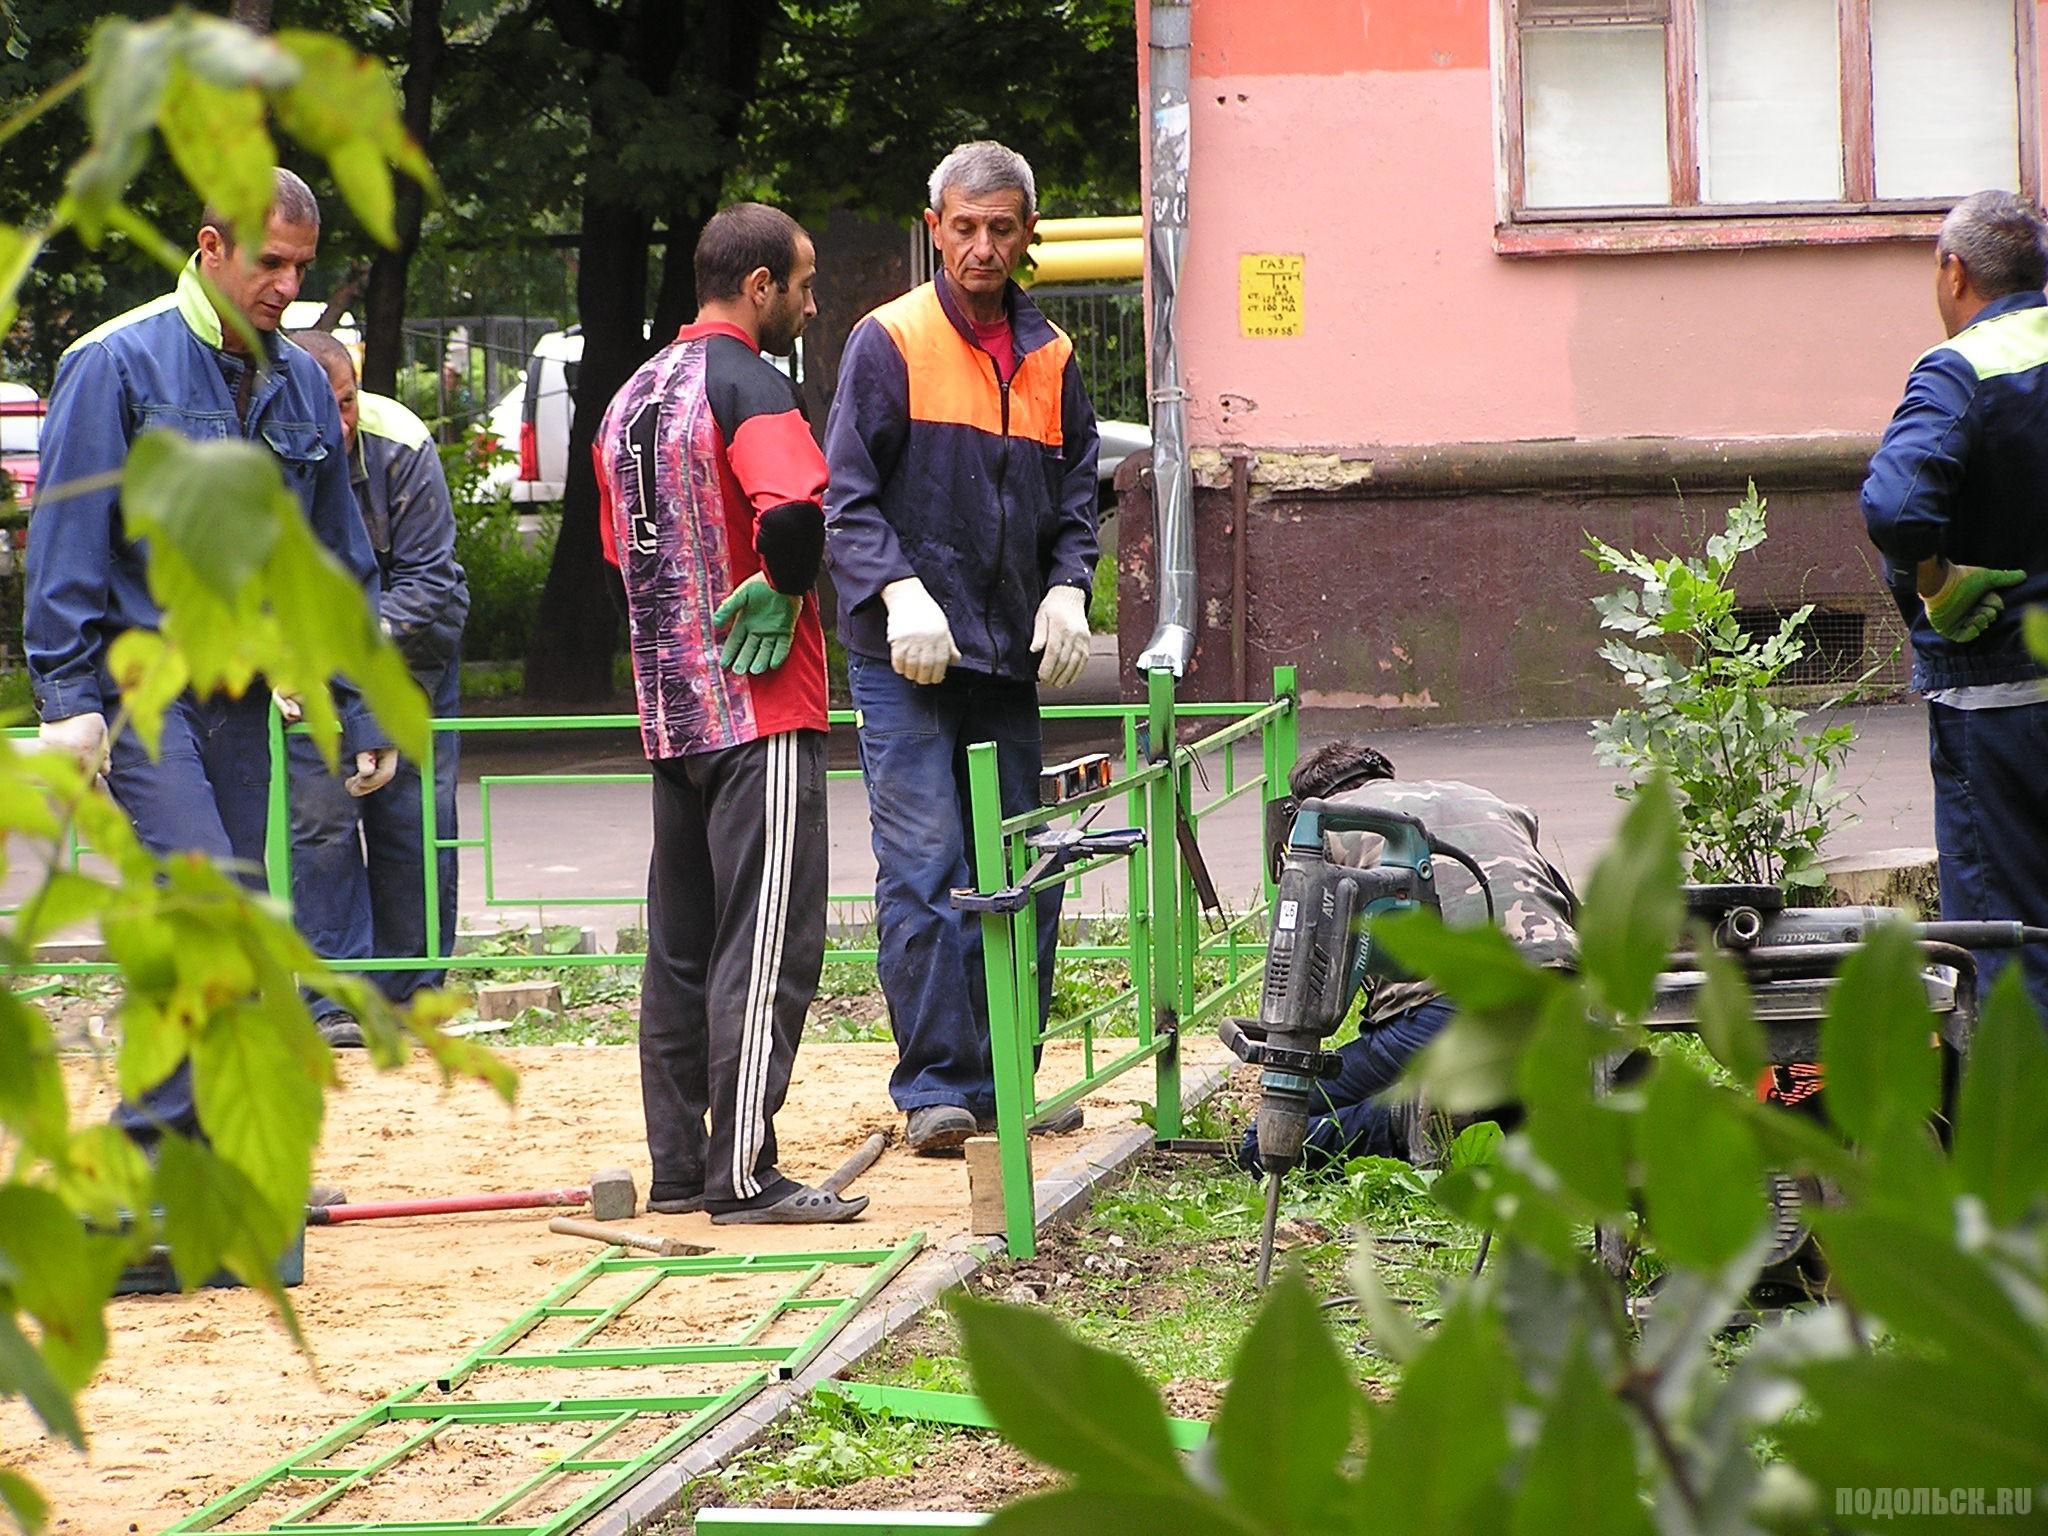 Монтаж детской площадки в Климовске. Август 2016 г.